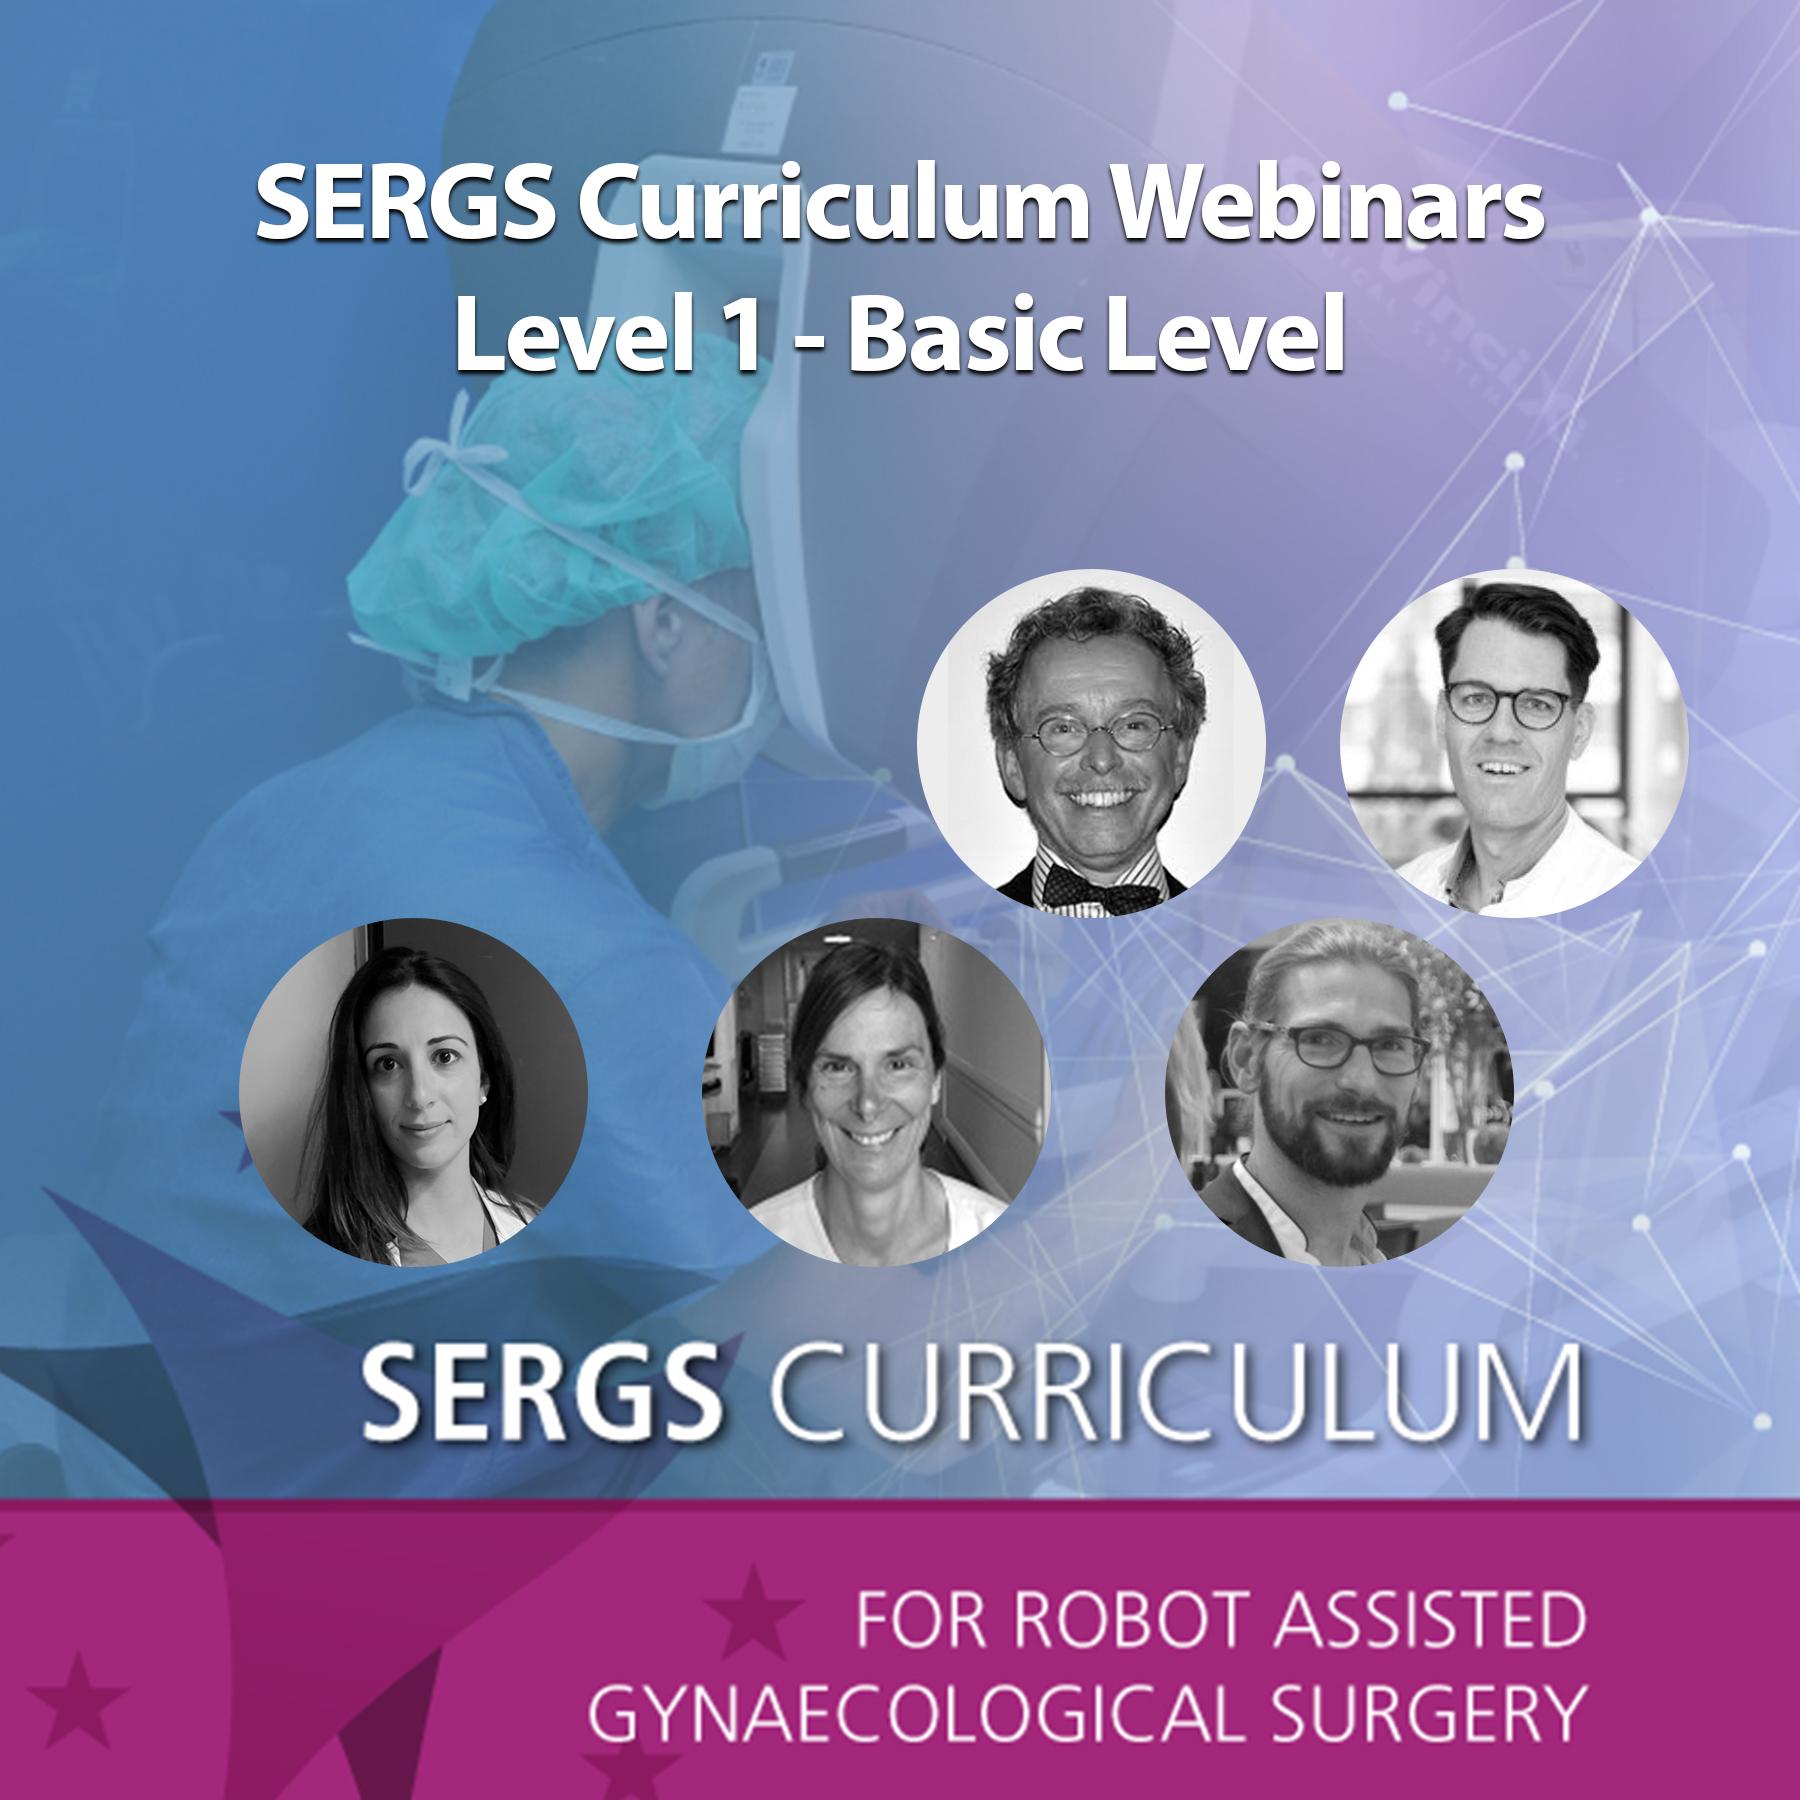 SERGS_Curriculum_Webinar_Facebookall